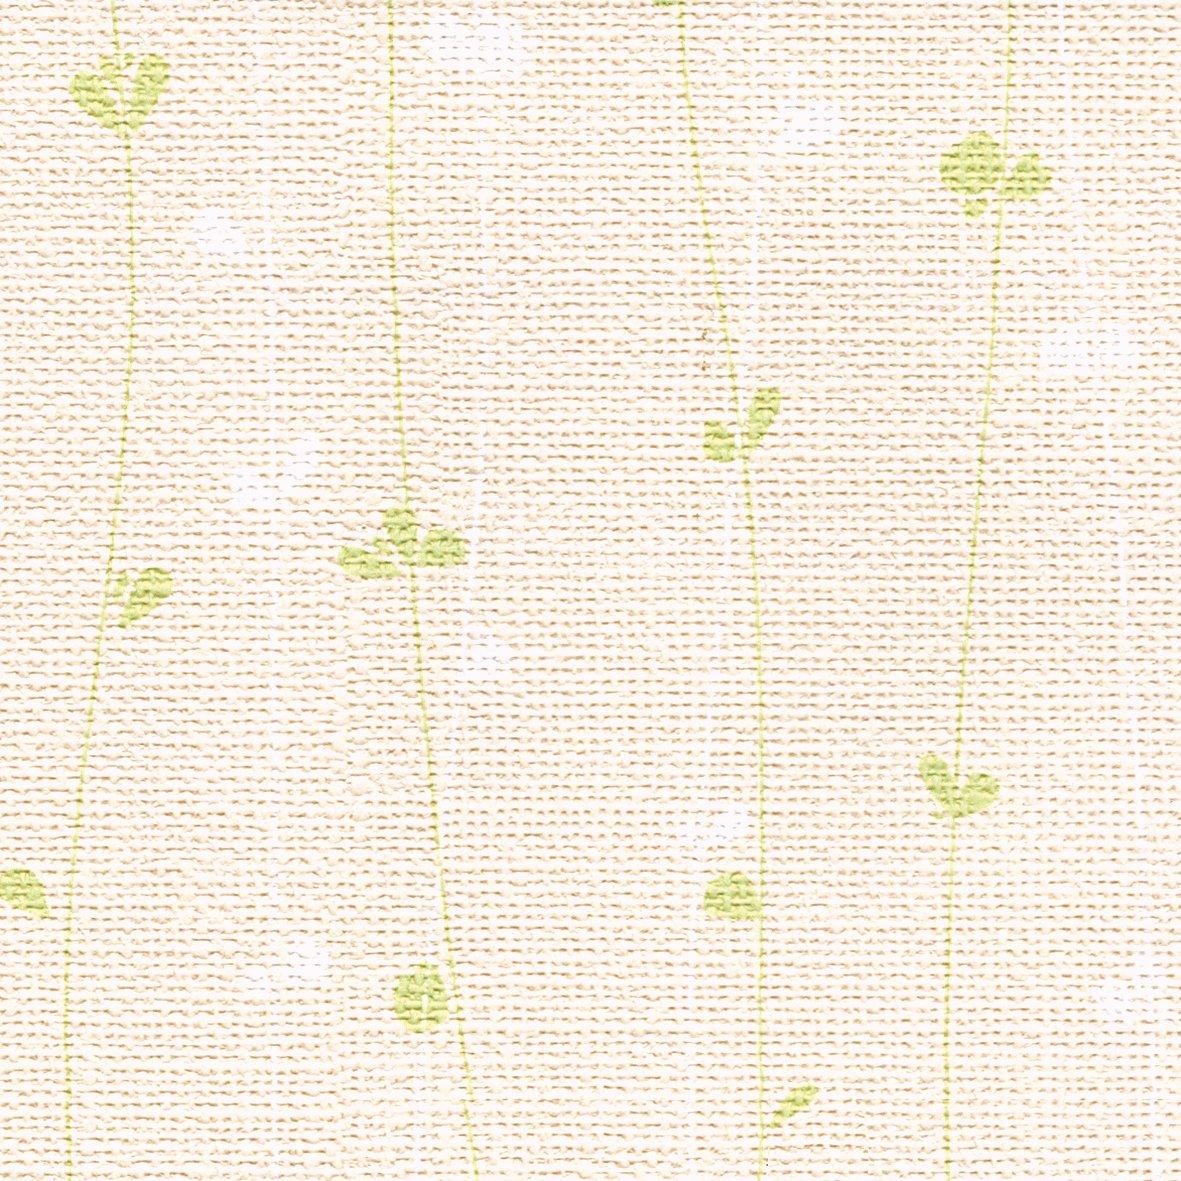 リリカラ 壁紙1巻50m シンフル 花柄 ベージュ パターン LB-9060 B01IHHC5CS 50m